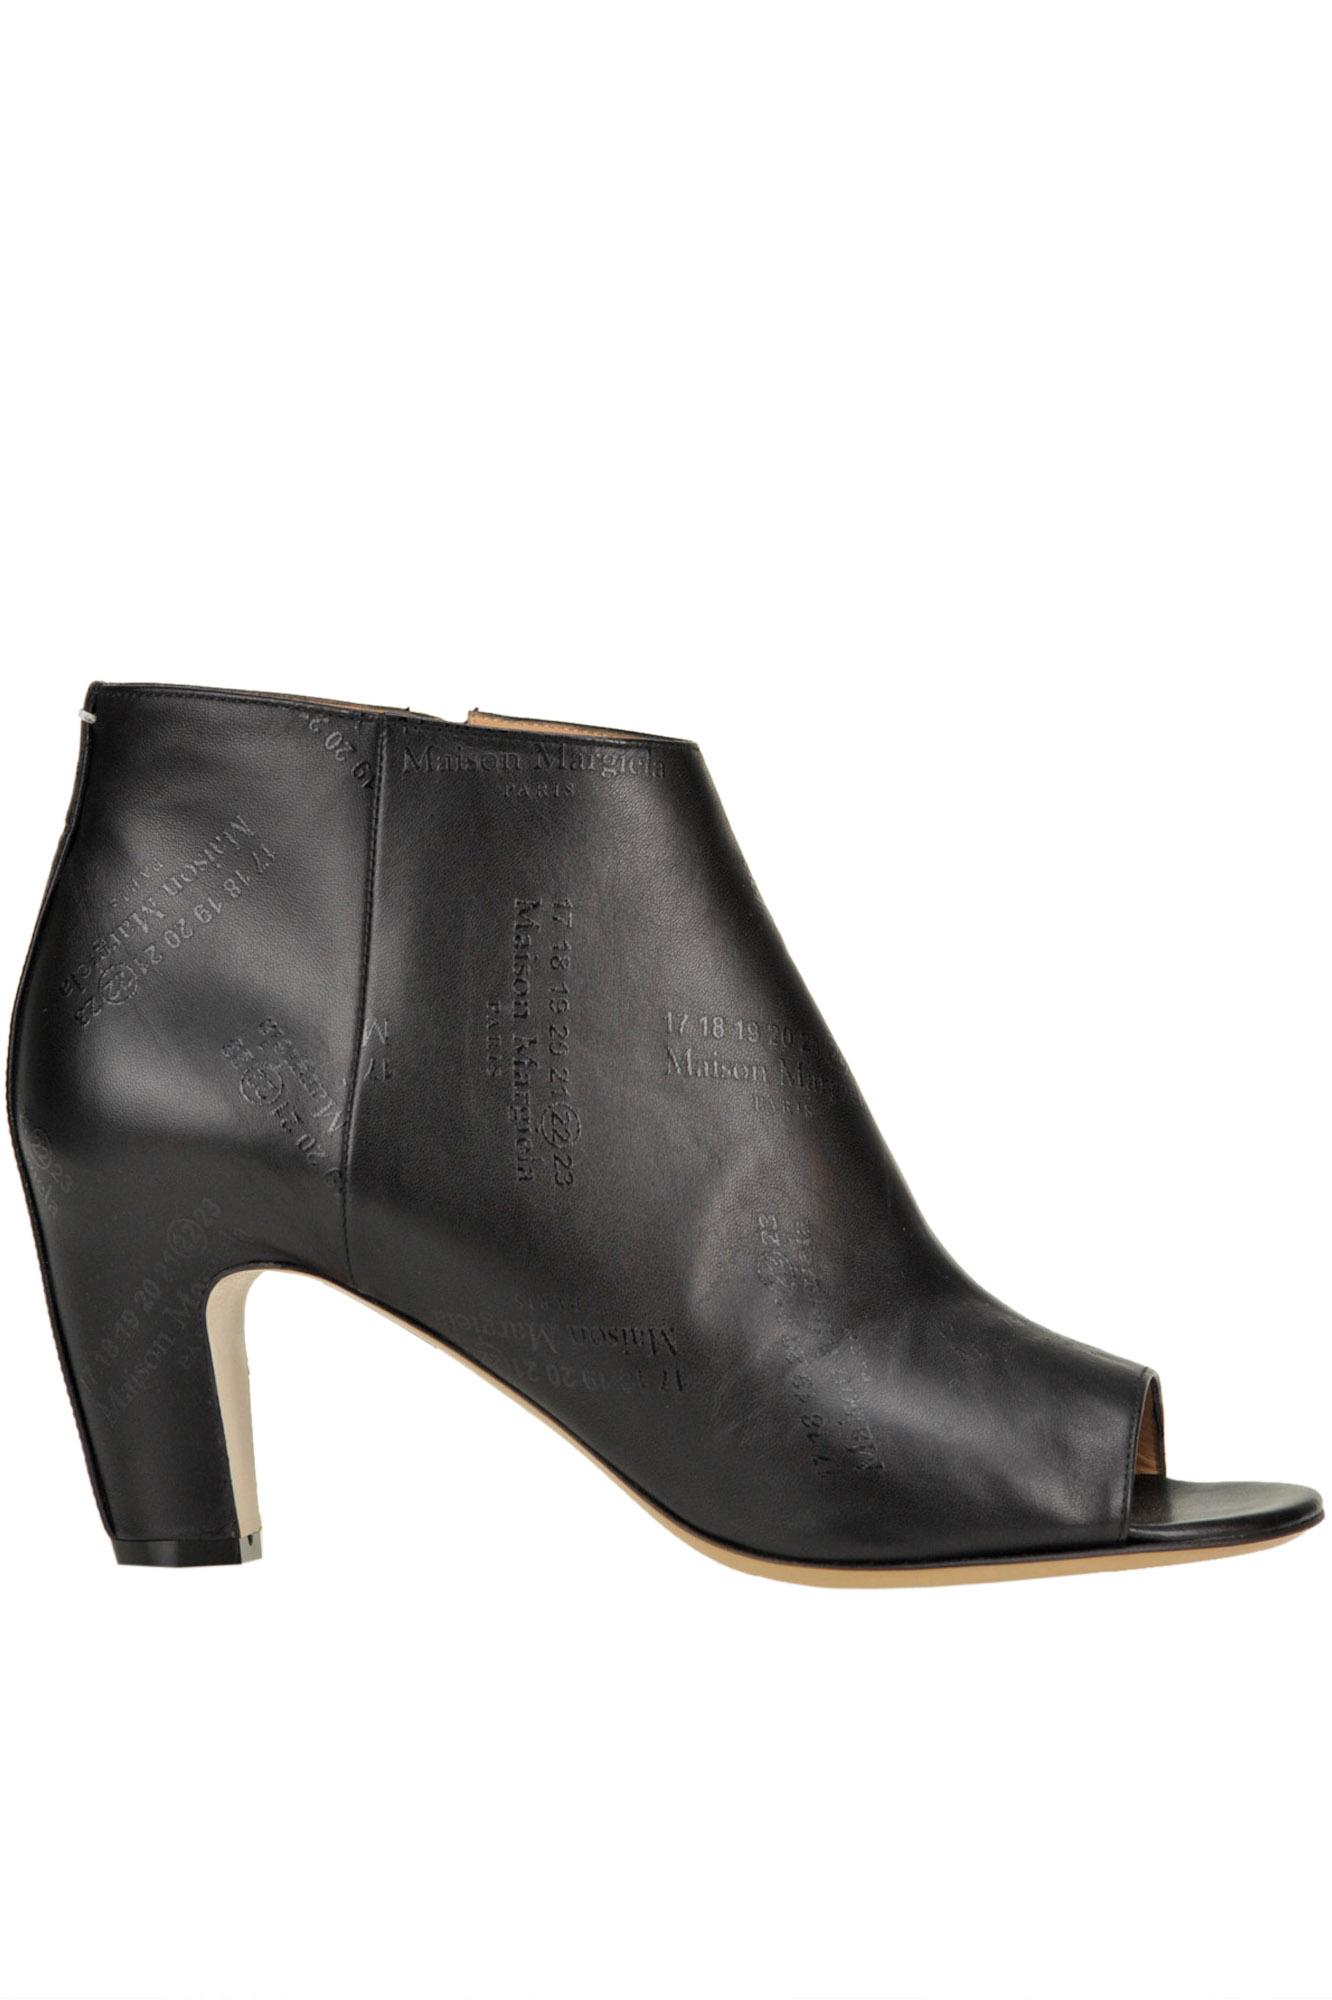 Maison Margiela Black Leather Logoed